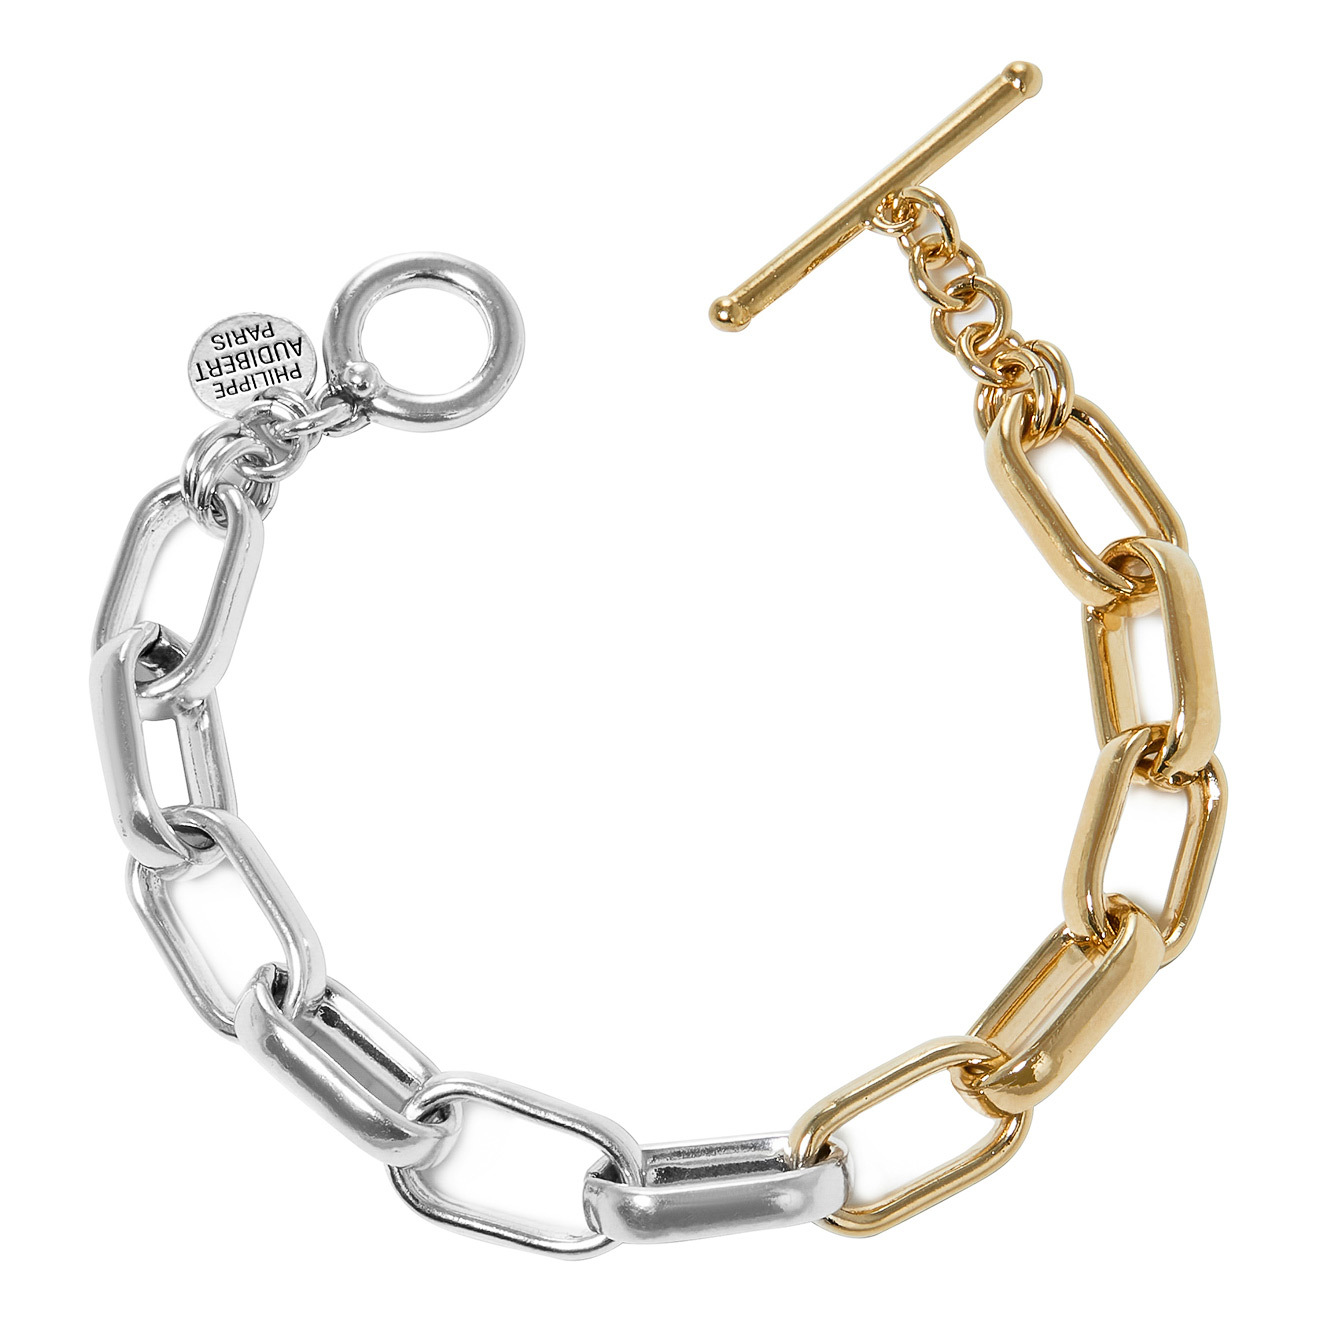 Philippe Audibert Биколорный браслет-цепь Peran philippe audibert биколорный браслет ginger